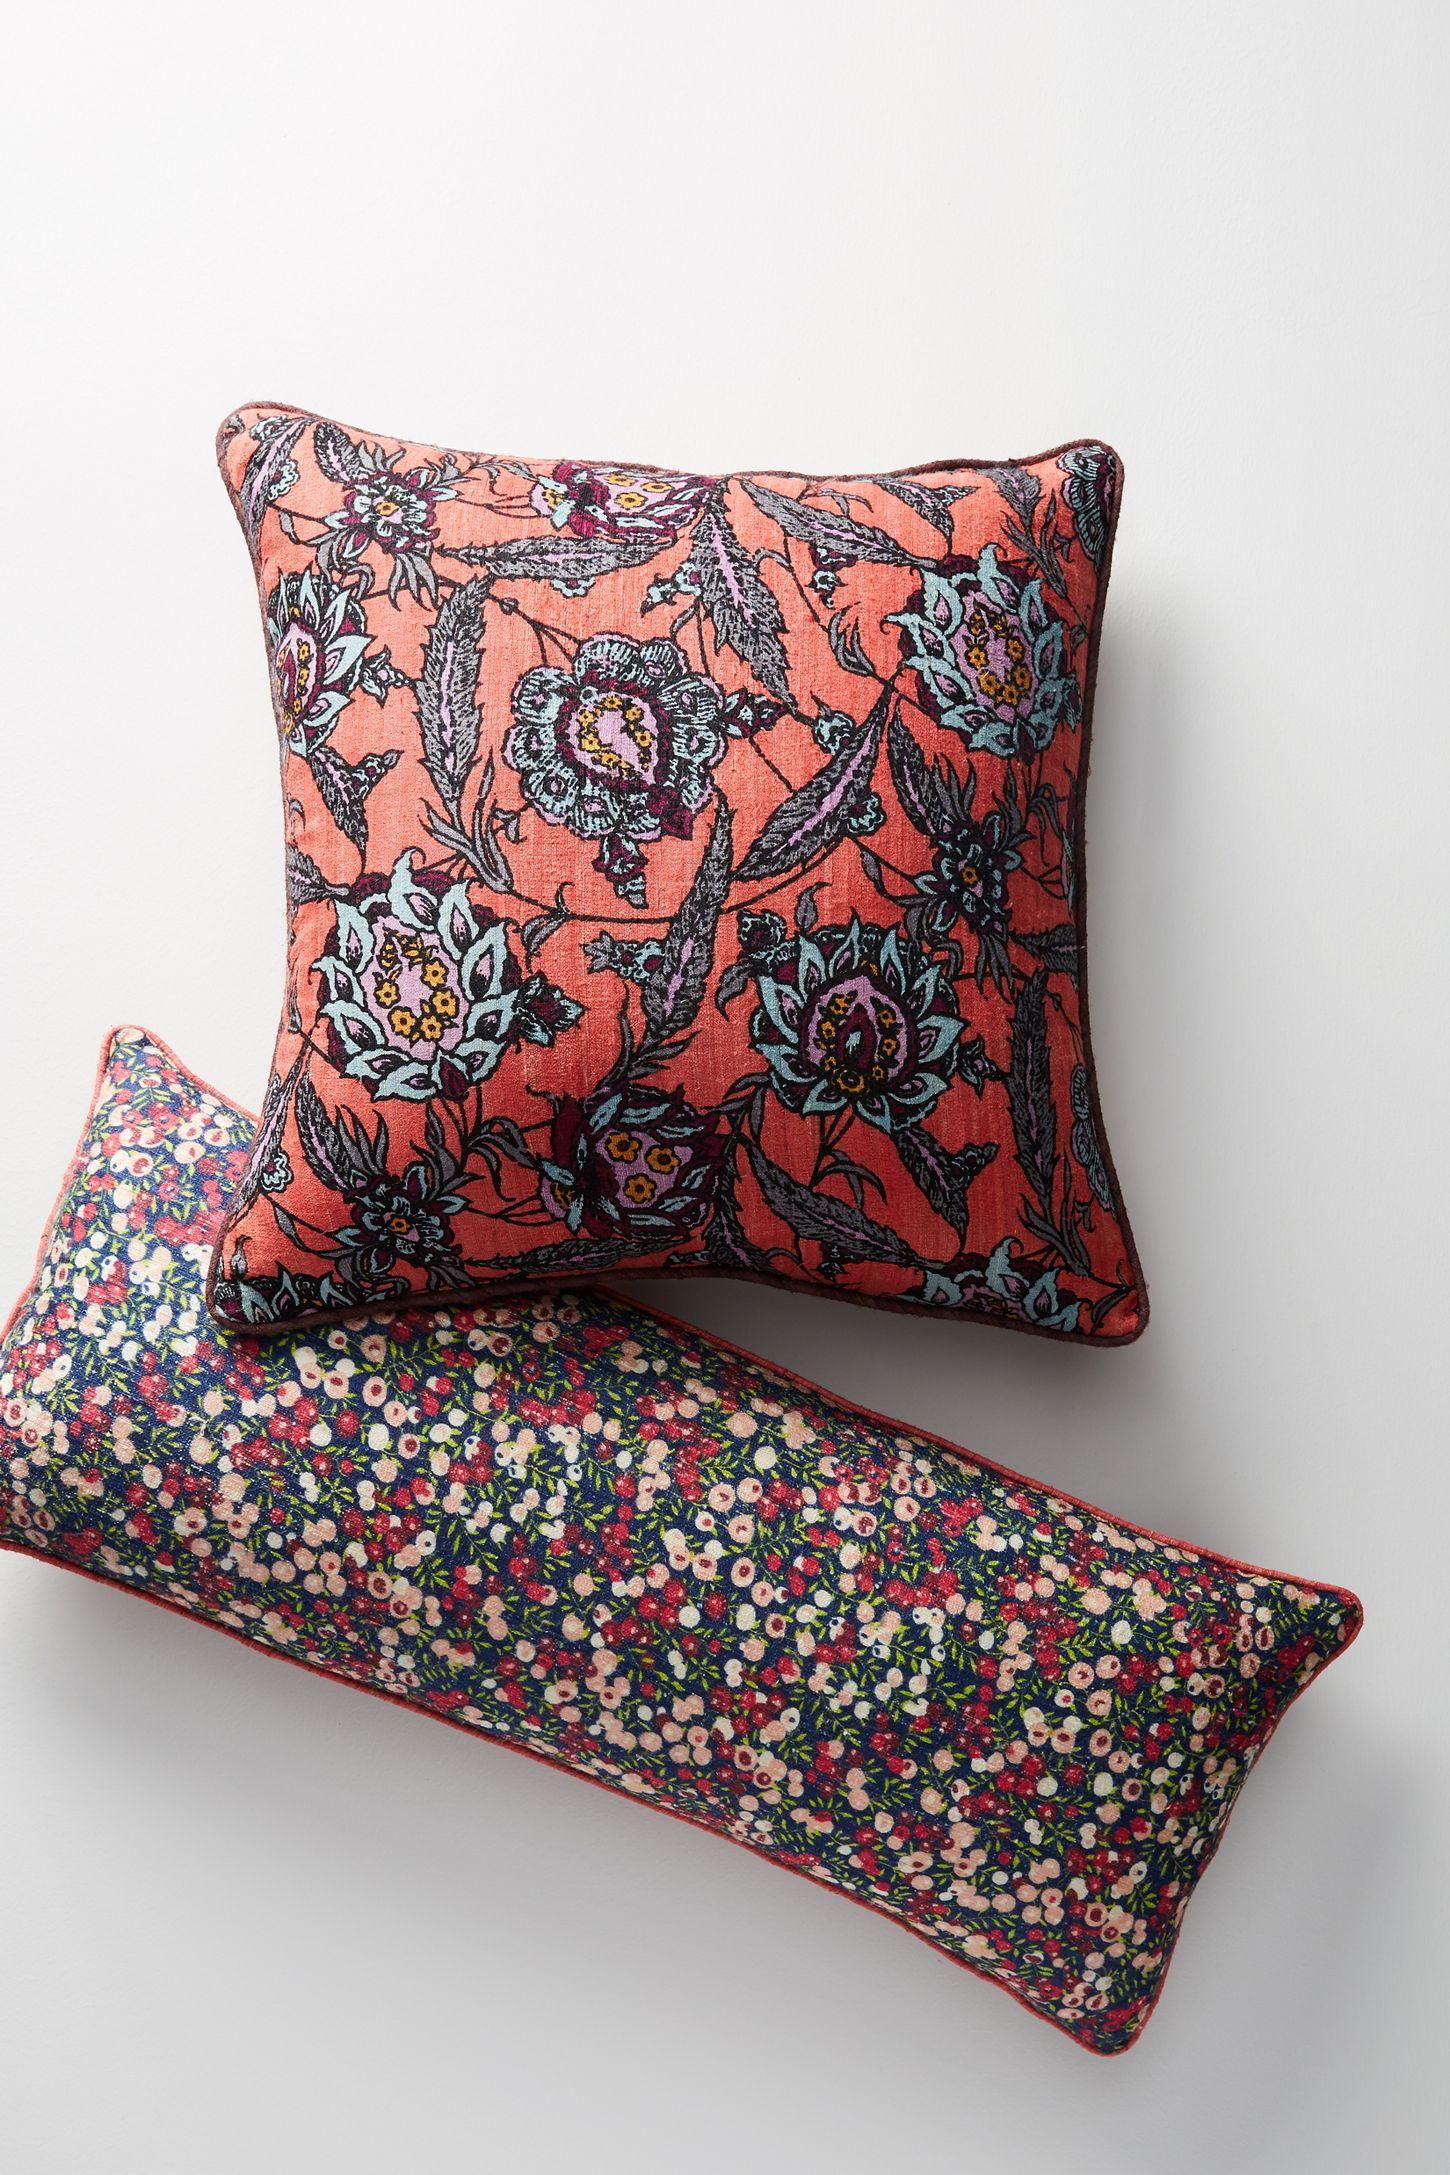 htm comfortable orange outdoor home pillow cor chevron p pillows d majestic indoor throw